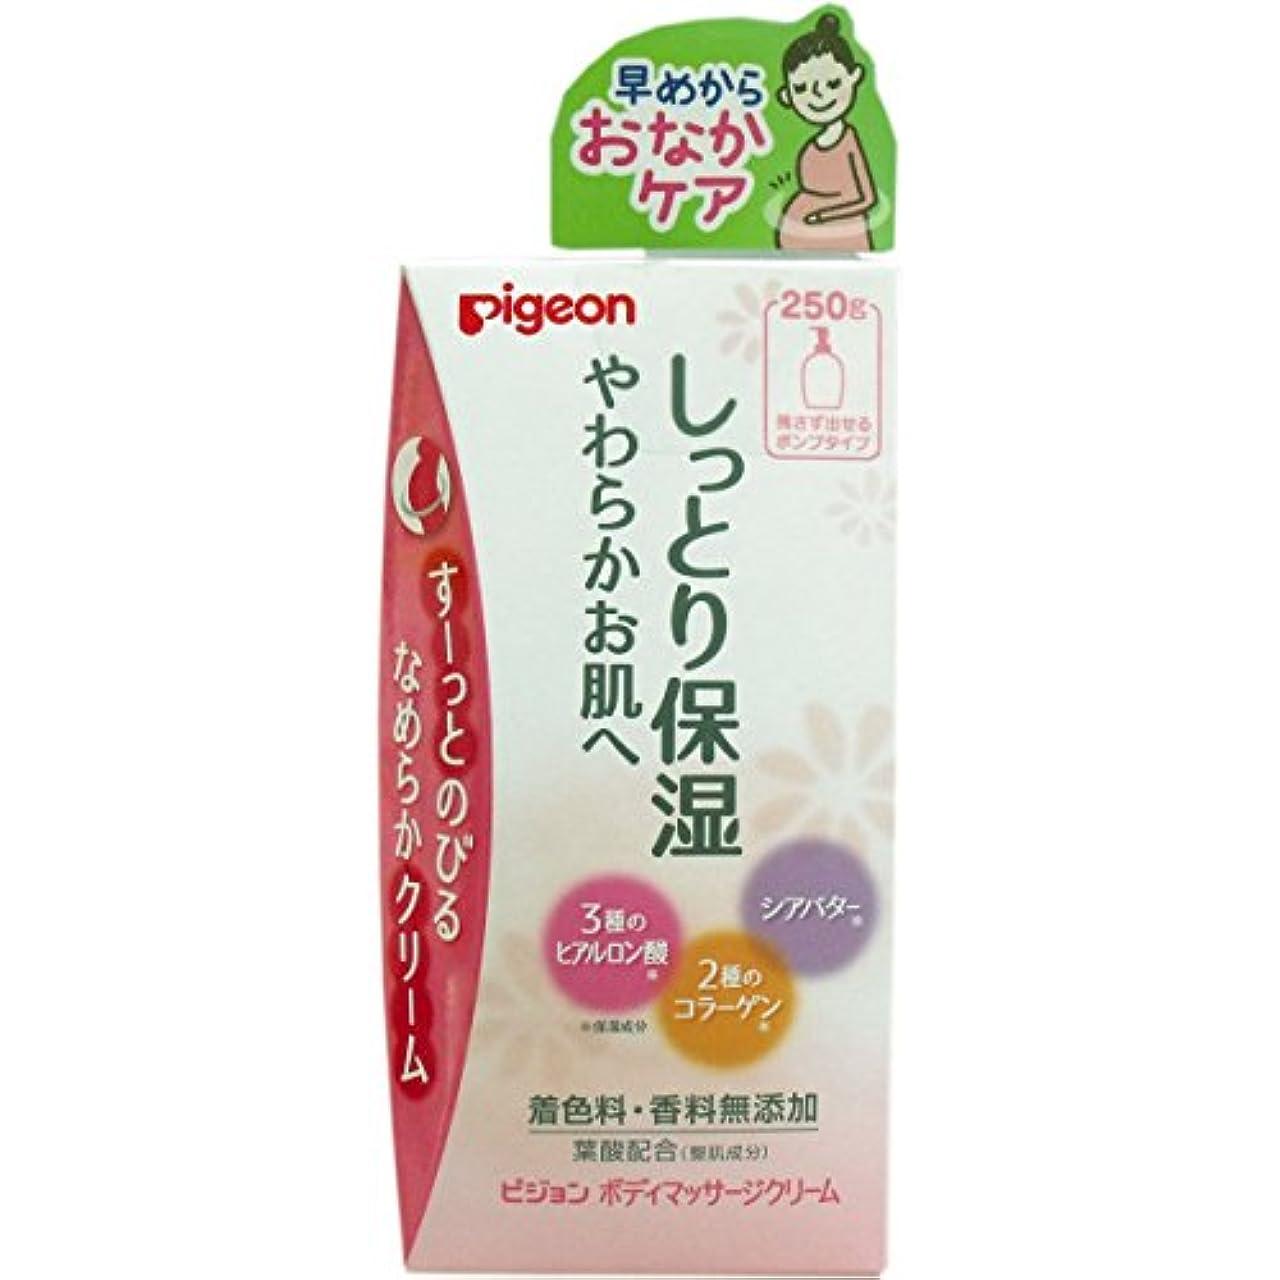 エネルギー日付付き抱擁ピジョン ボディマッサージクリーム 250g【2個セット】